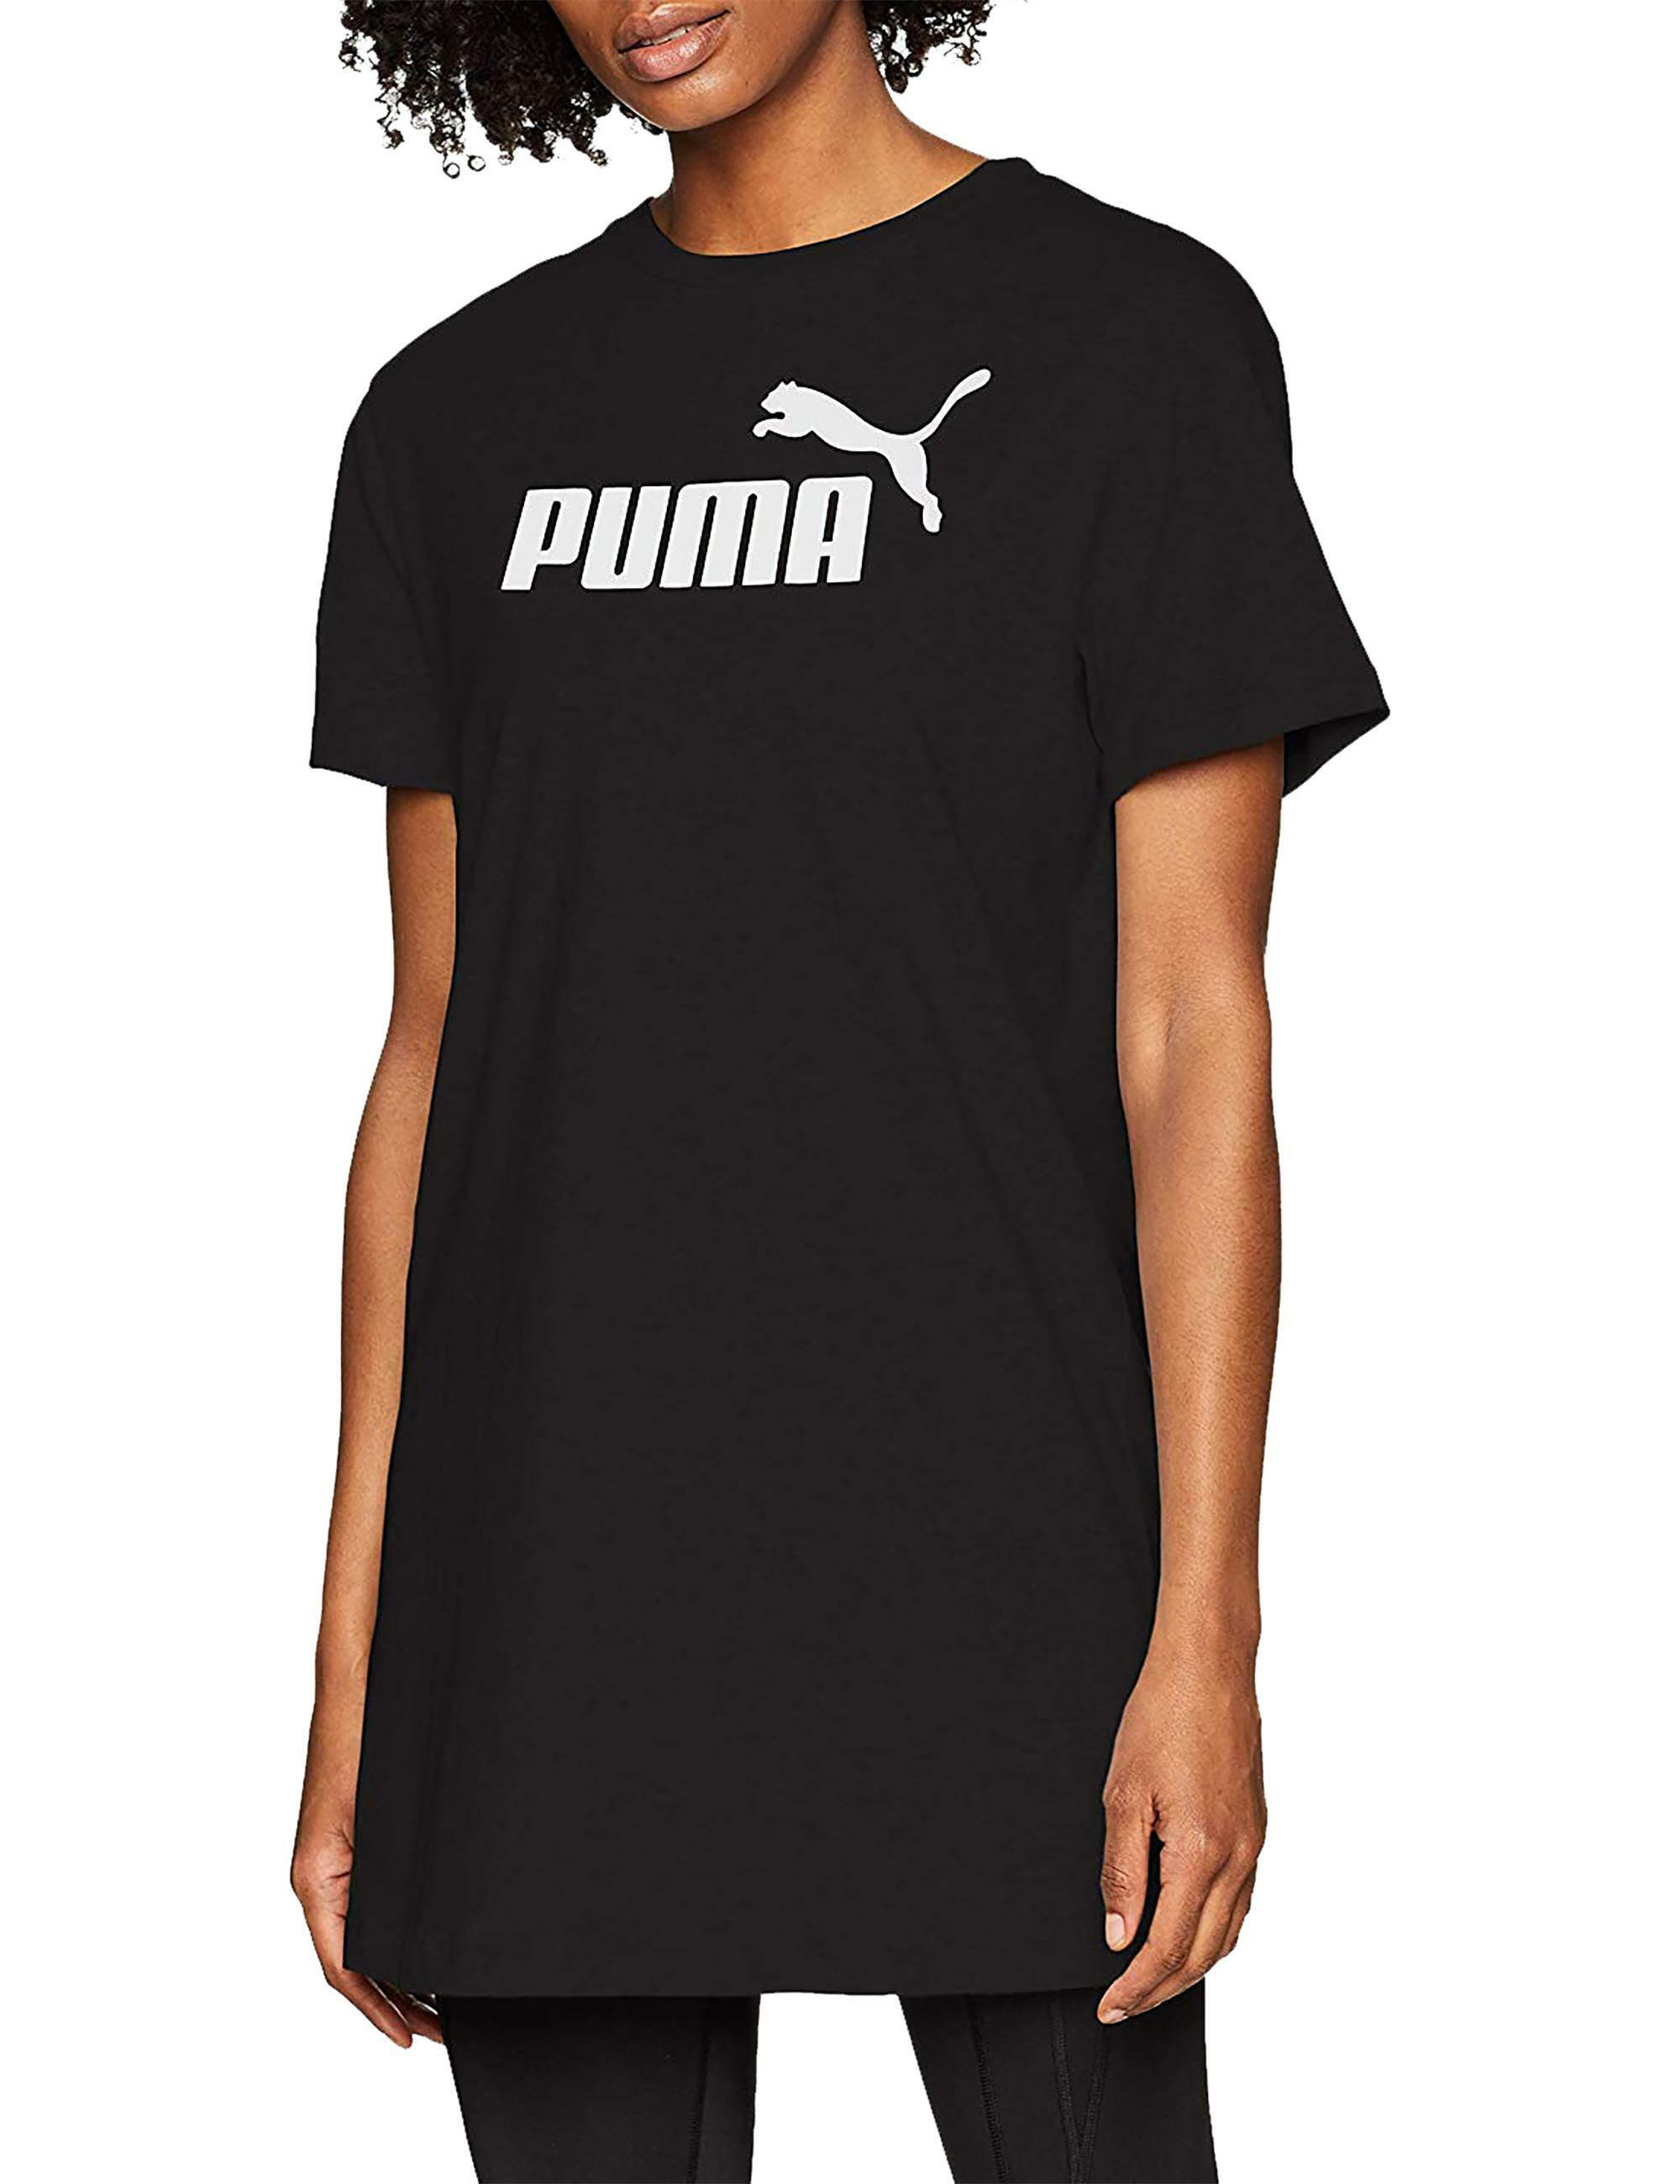 big sale 72459 a29c0 Puma logo tee vestito donna nero 85468401